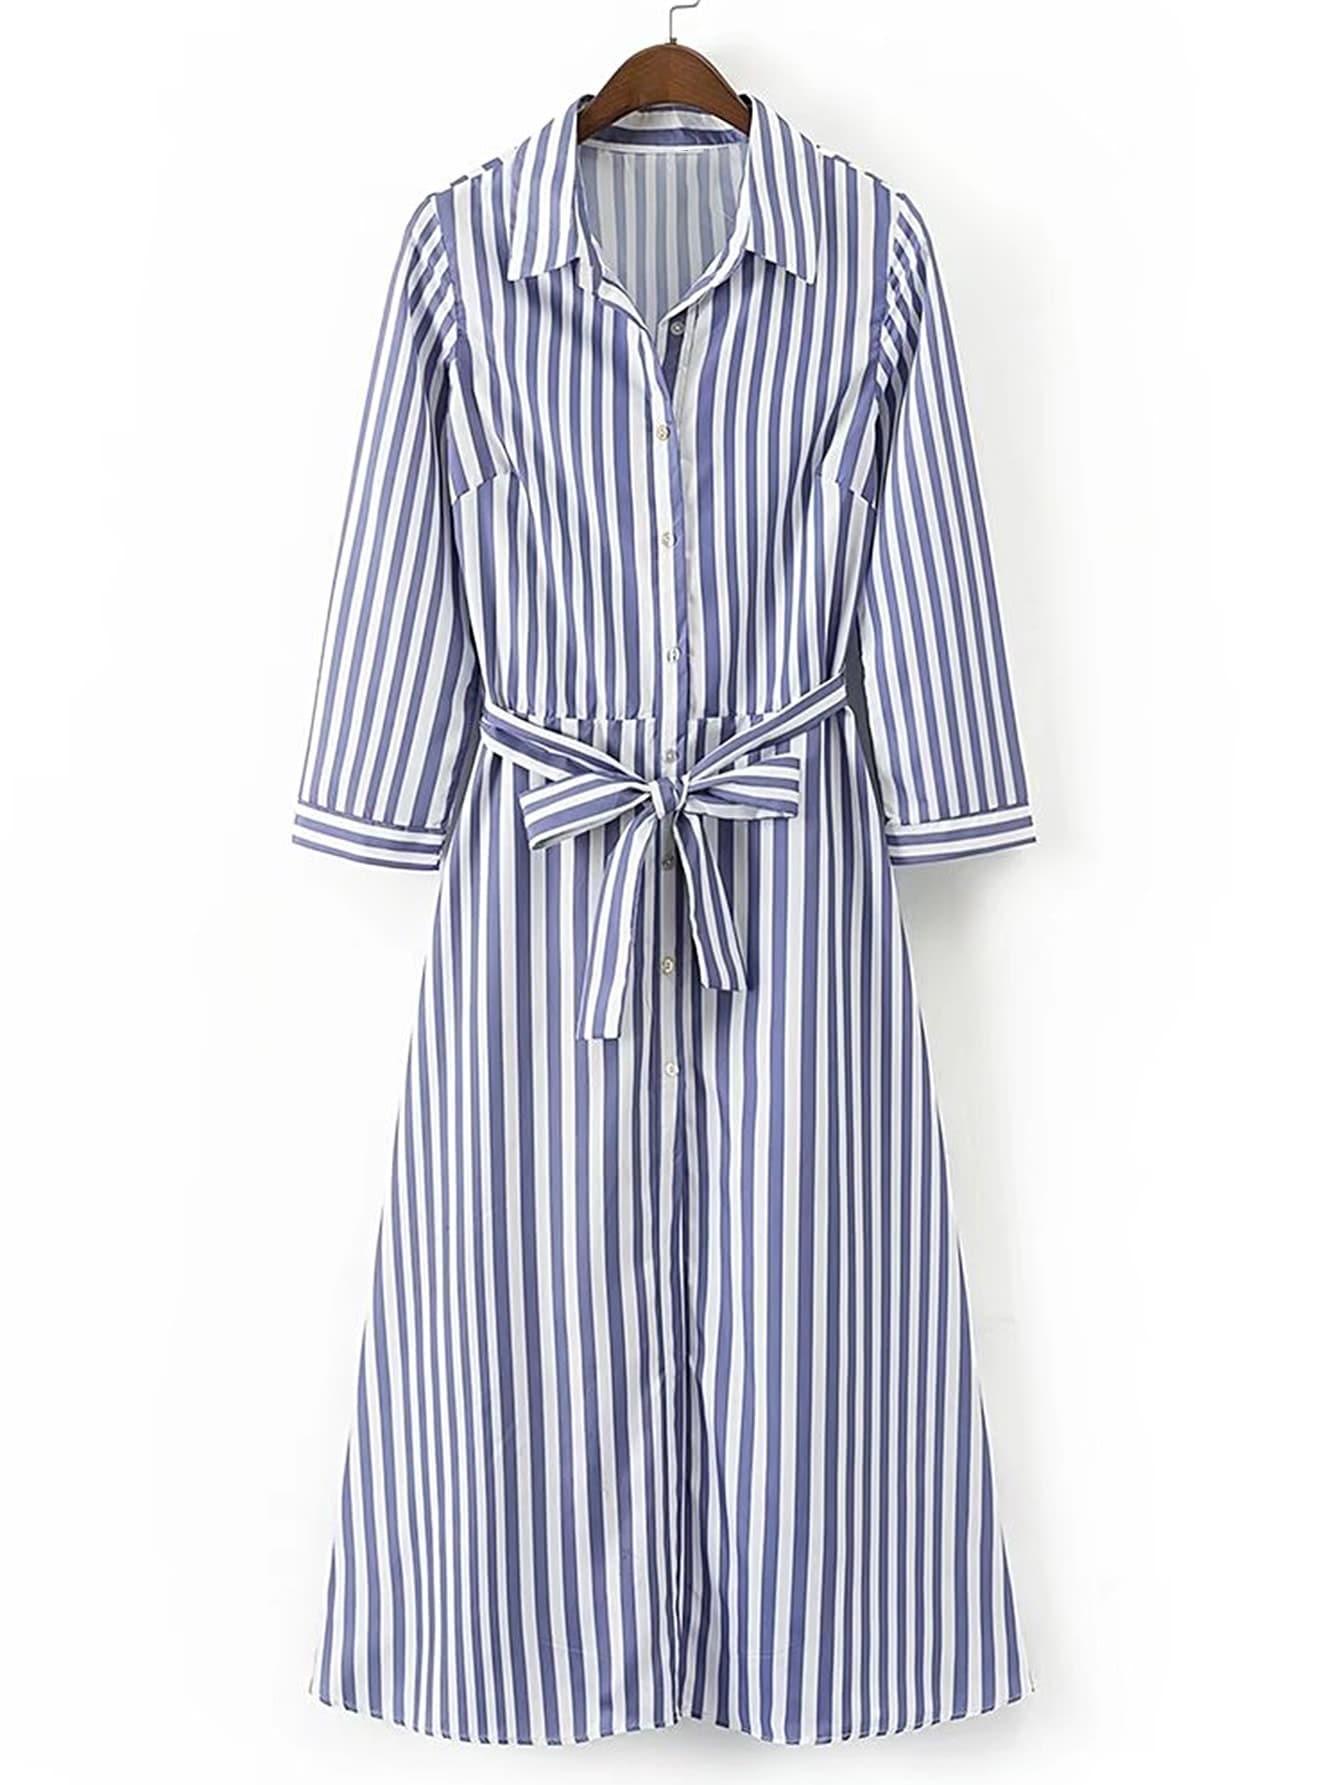 Vertical striped tie waist a line shirt dress shein for Vertical striped dress shirt